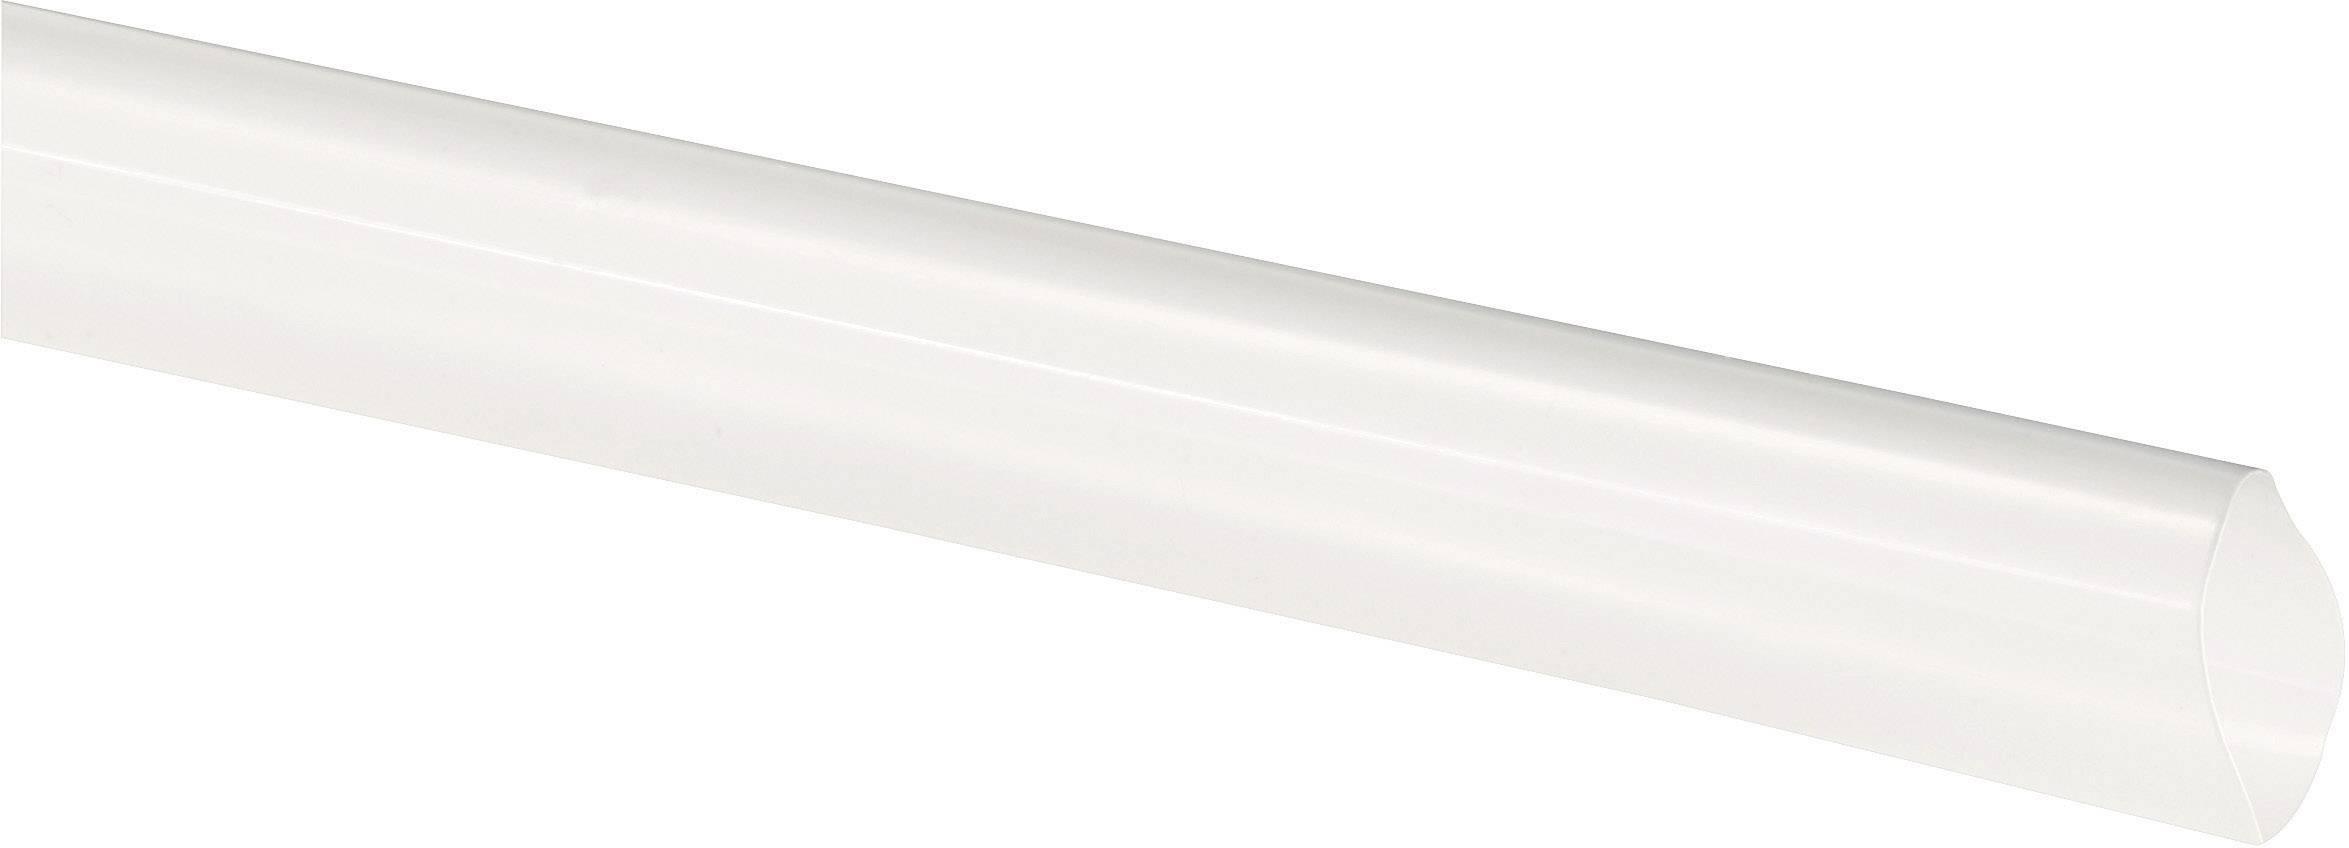 Zmršťovacie bužírky nelepiace DSG Canusa 4500024032, 2:1, 2.40 mm, priehľadná, 1 ks